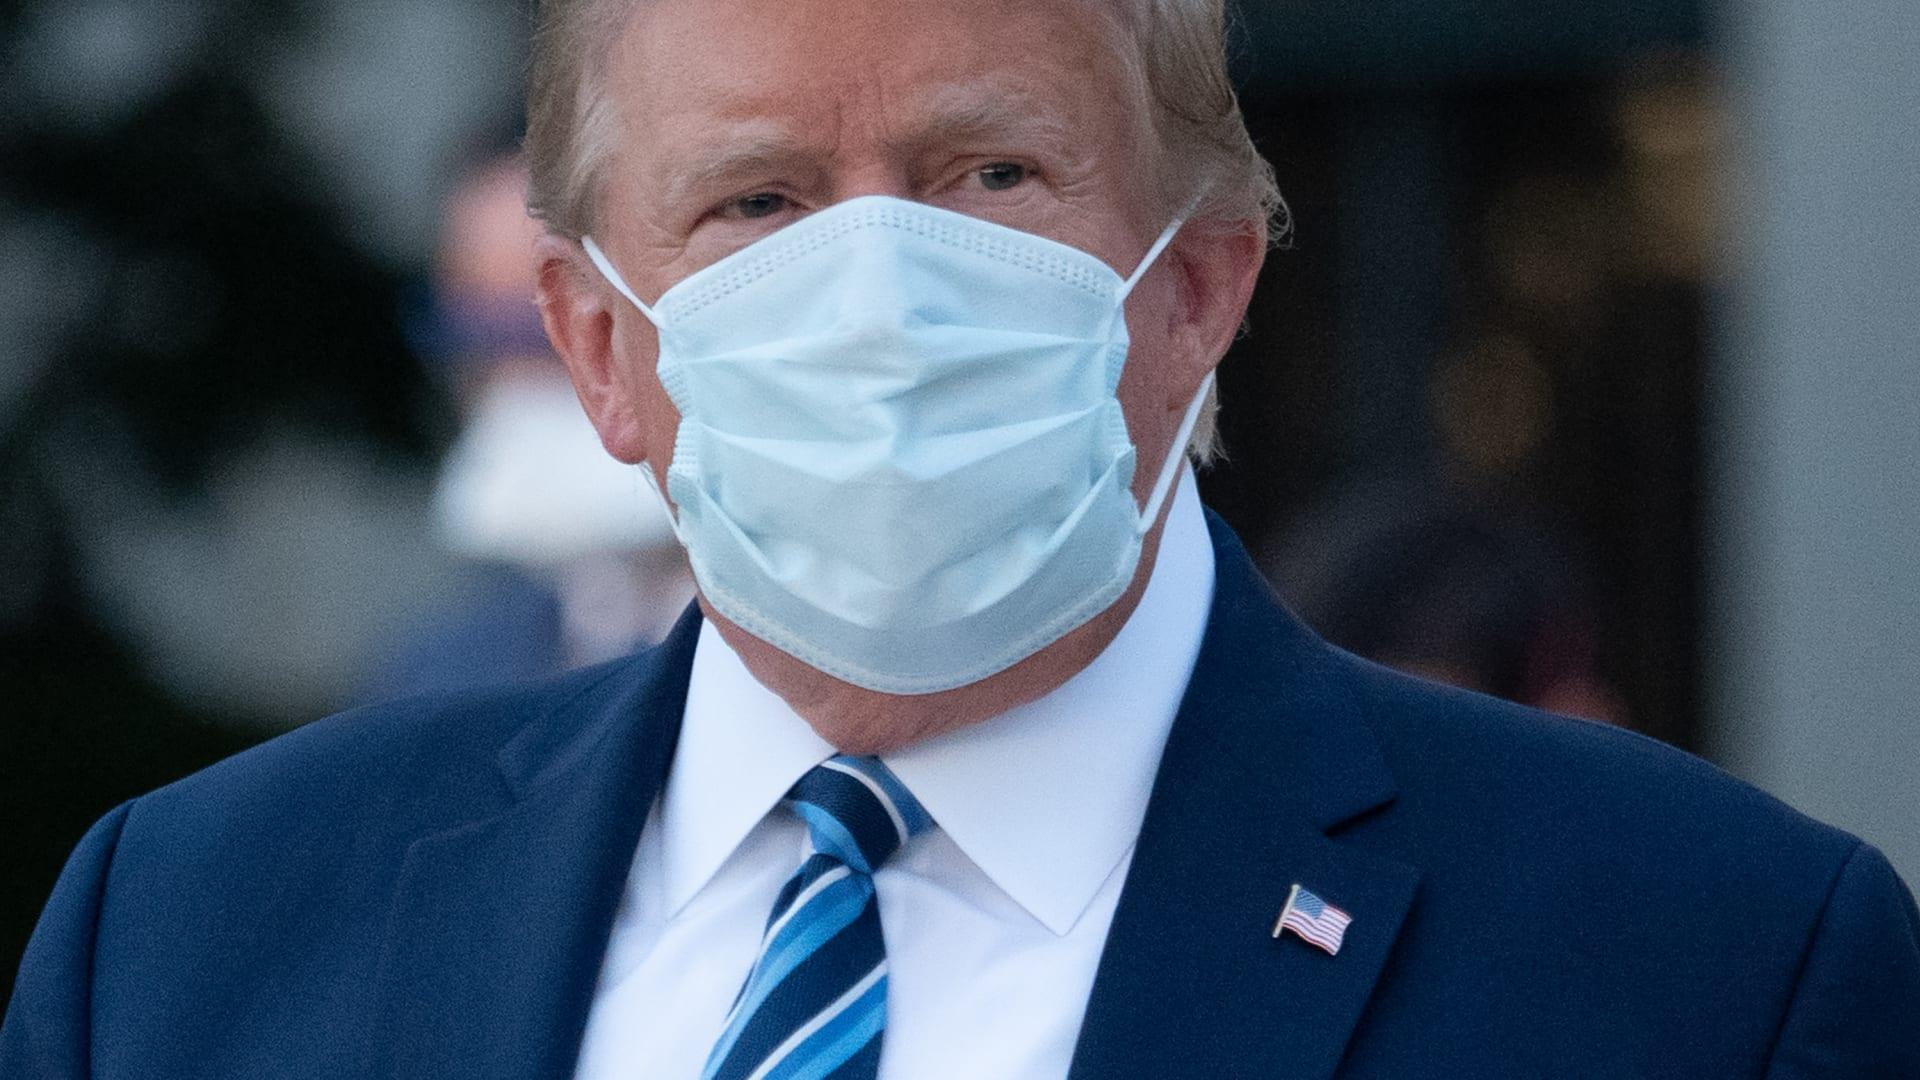 رغم إصابته كورونا.. هذا سجل تصريحات ترامب الكاذبة حول حقيقة الوباء